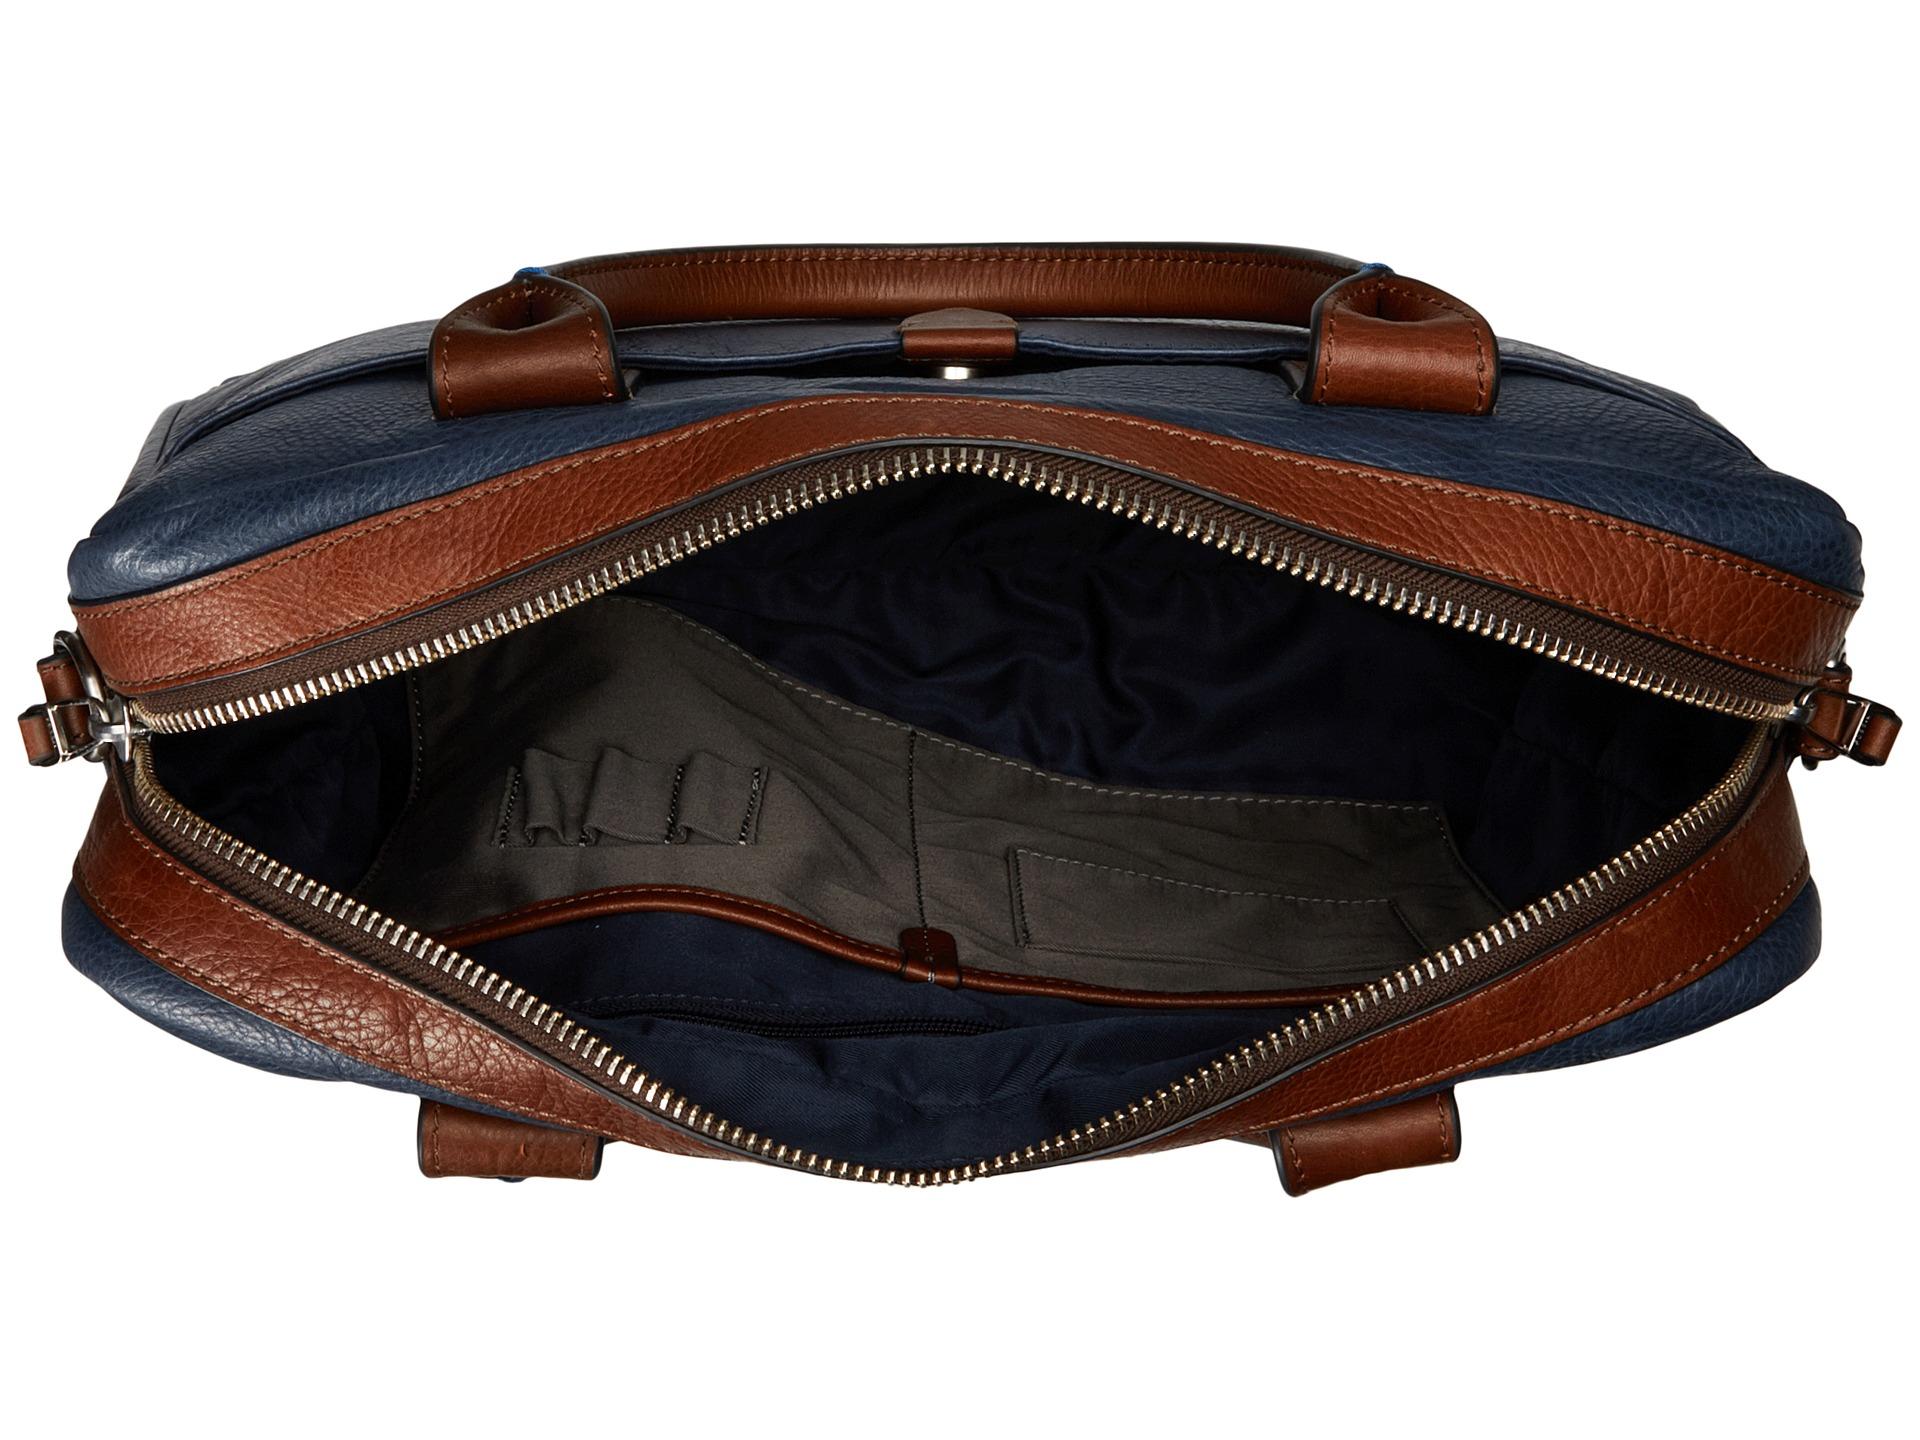 Fossil Wyatt Workbag In Blue For Men | Lyst